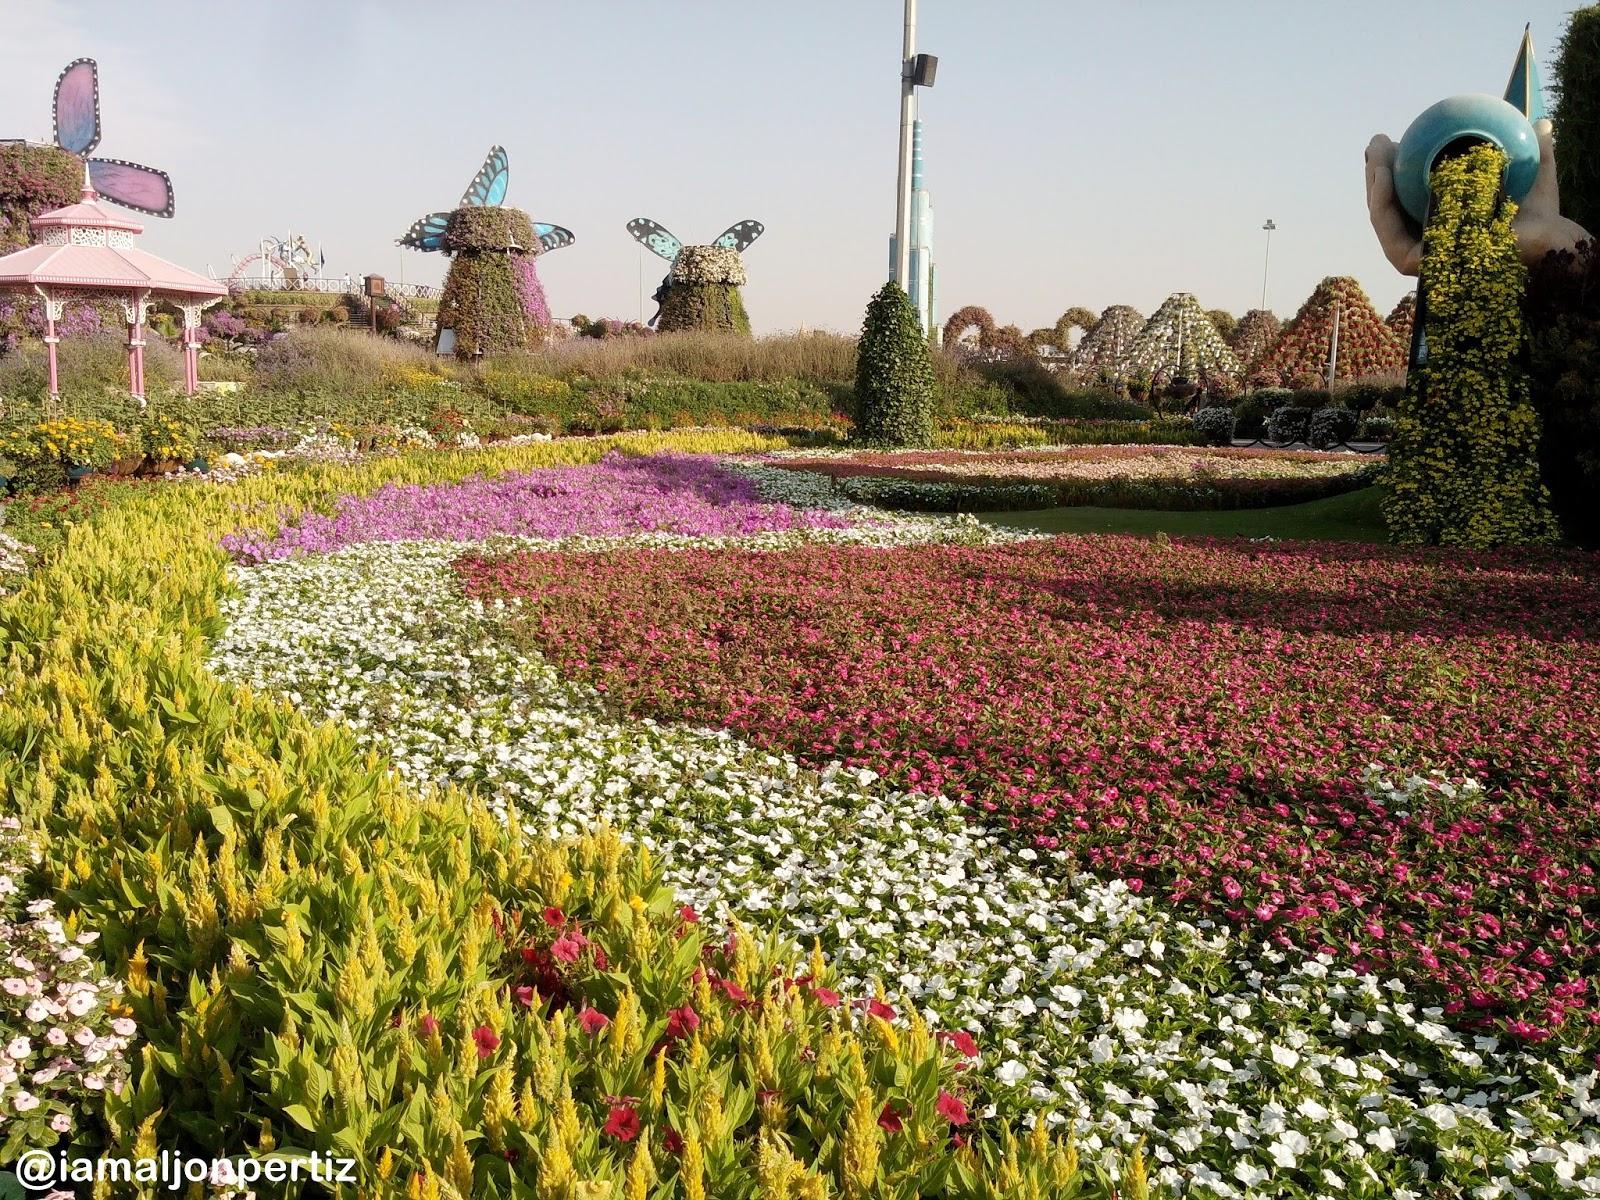 Dubai Miracle Garden: A Paradise in the Desert